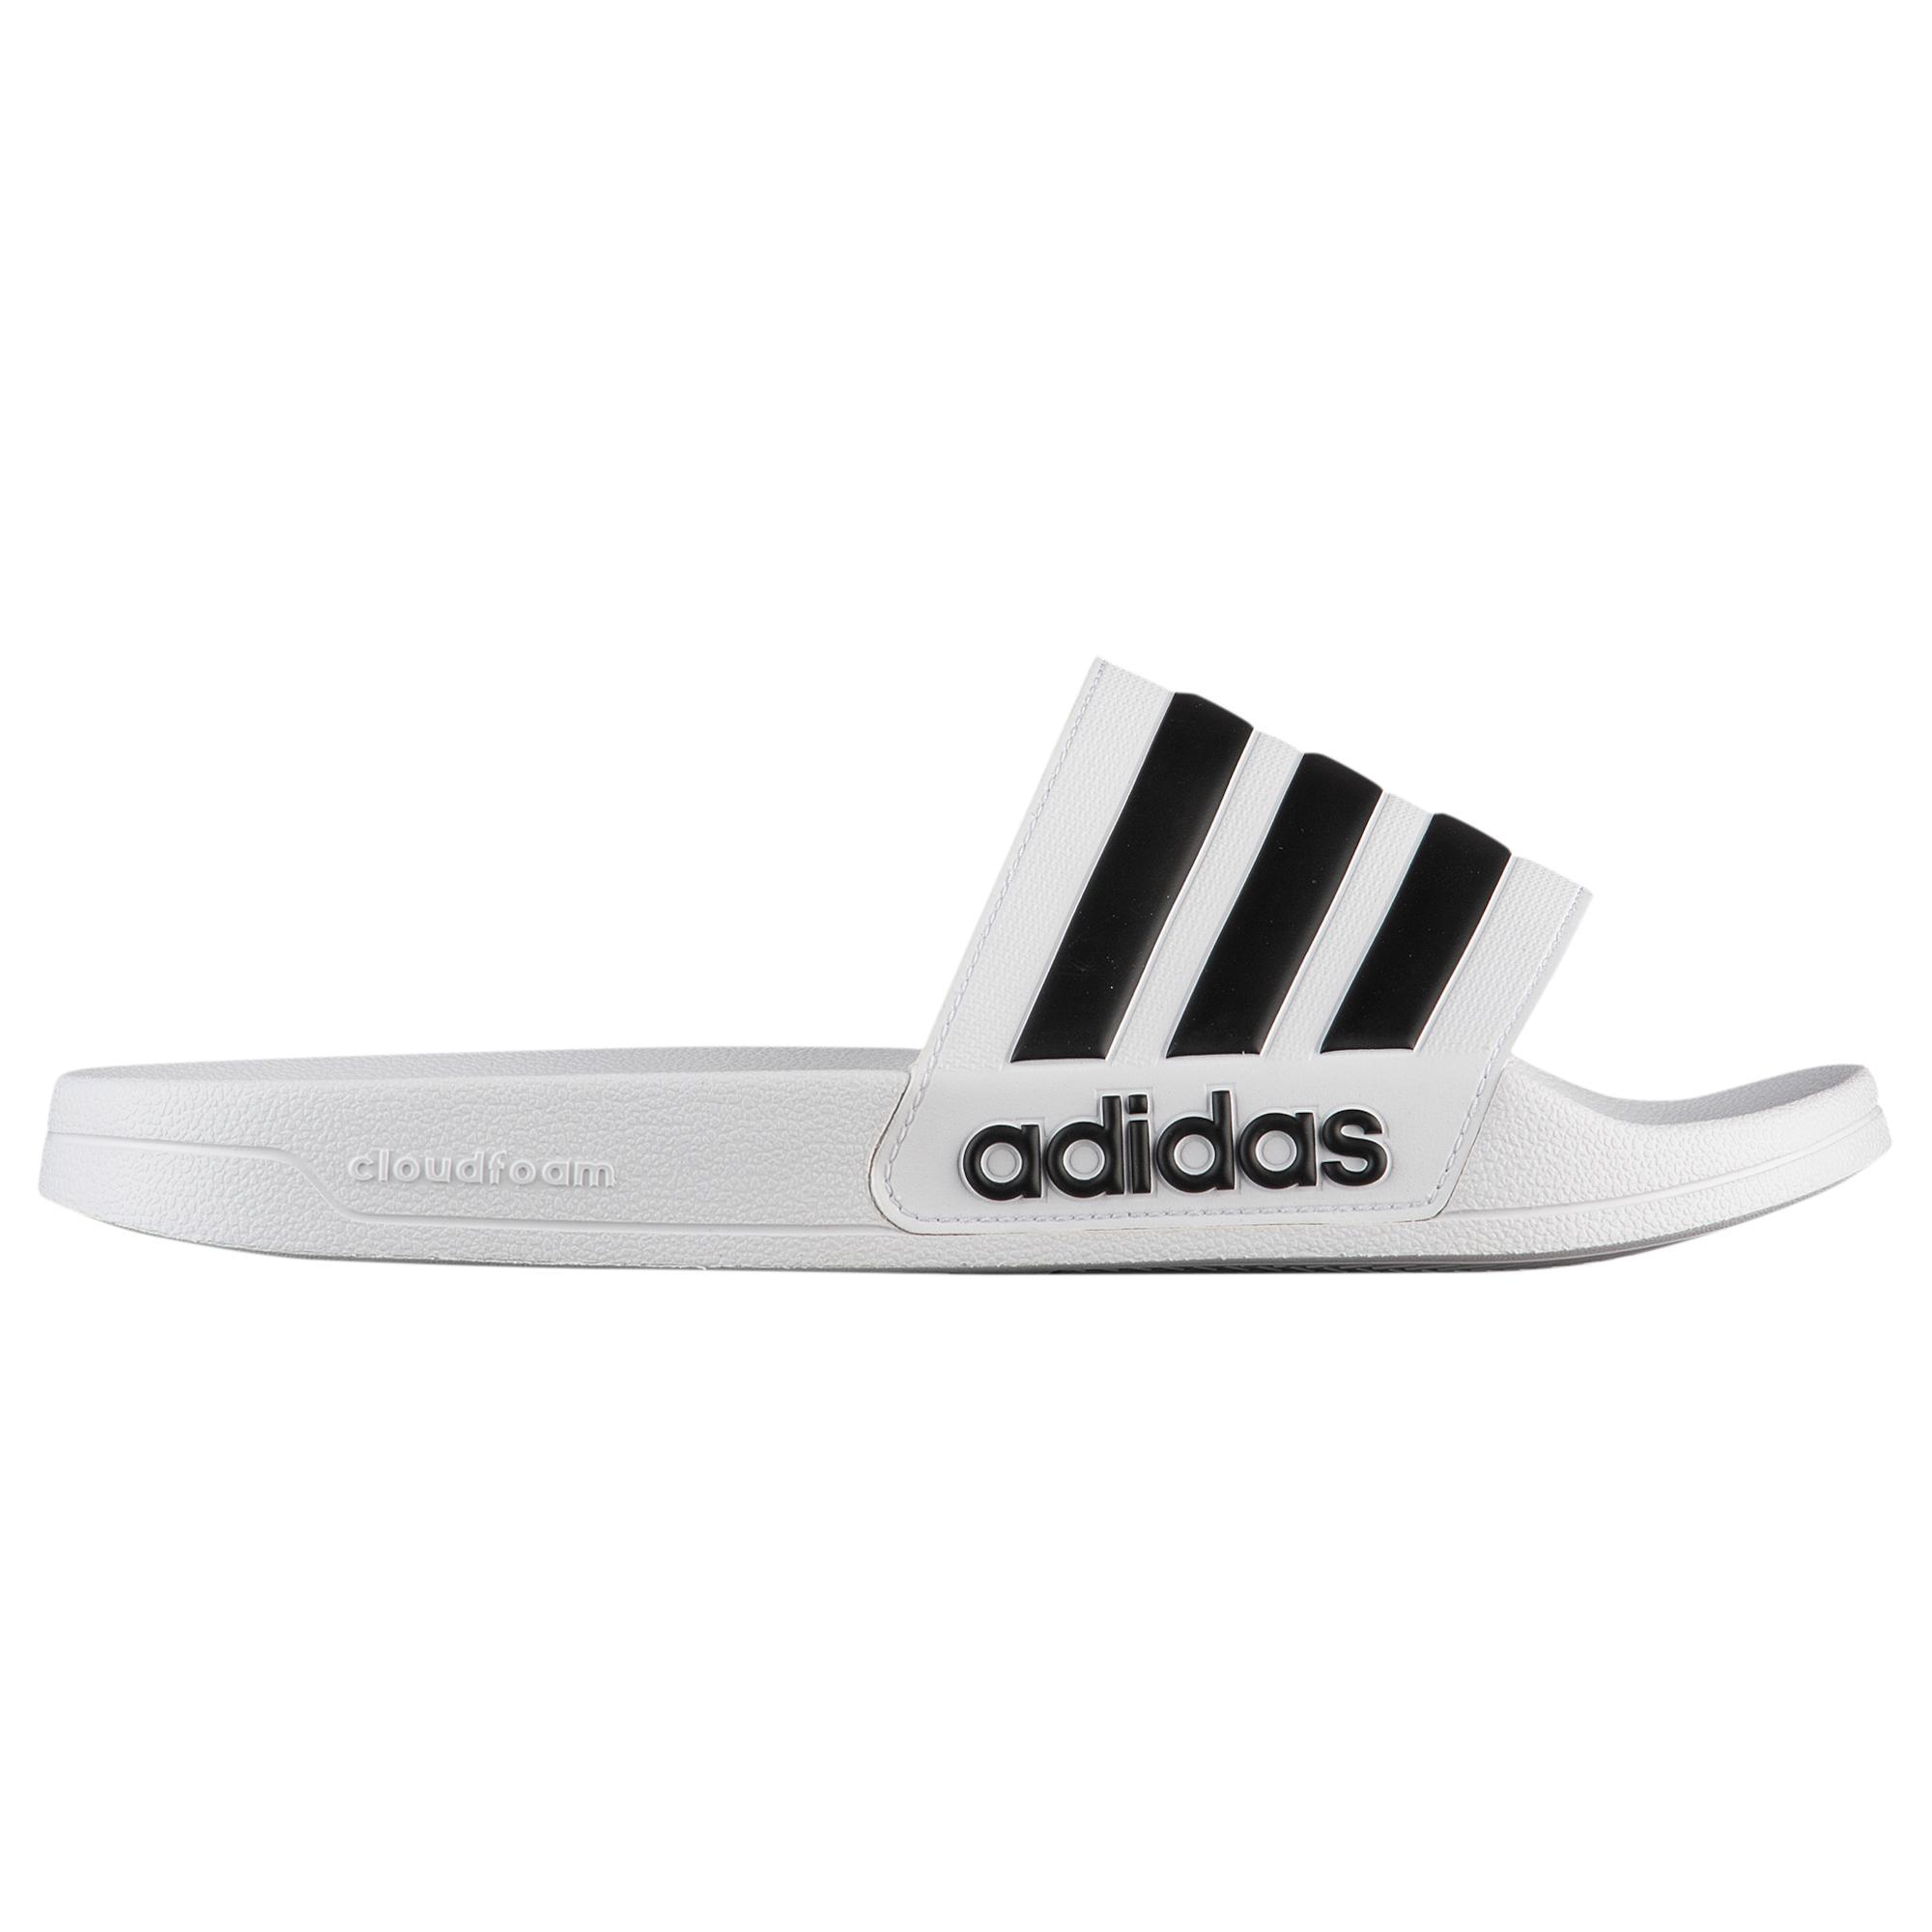 Puma Adidas Adilette G16220 (Blau): : Schuhe